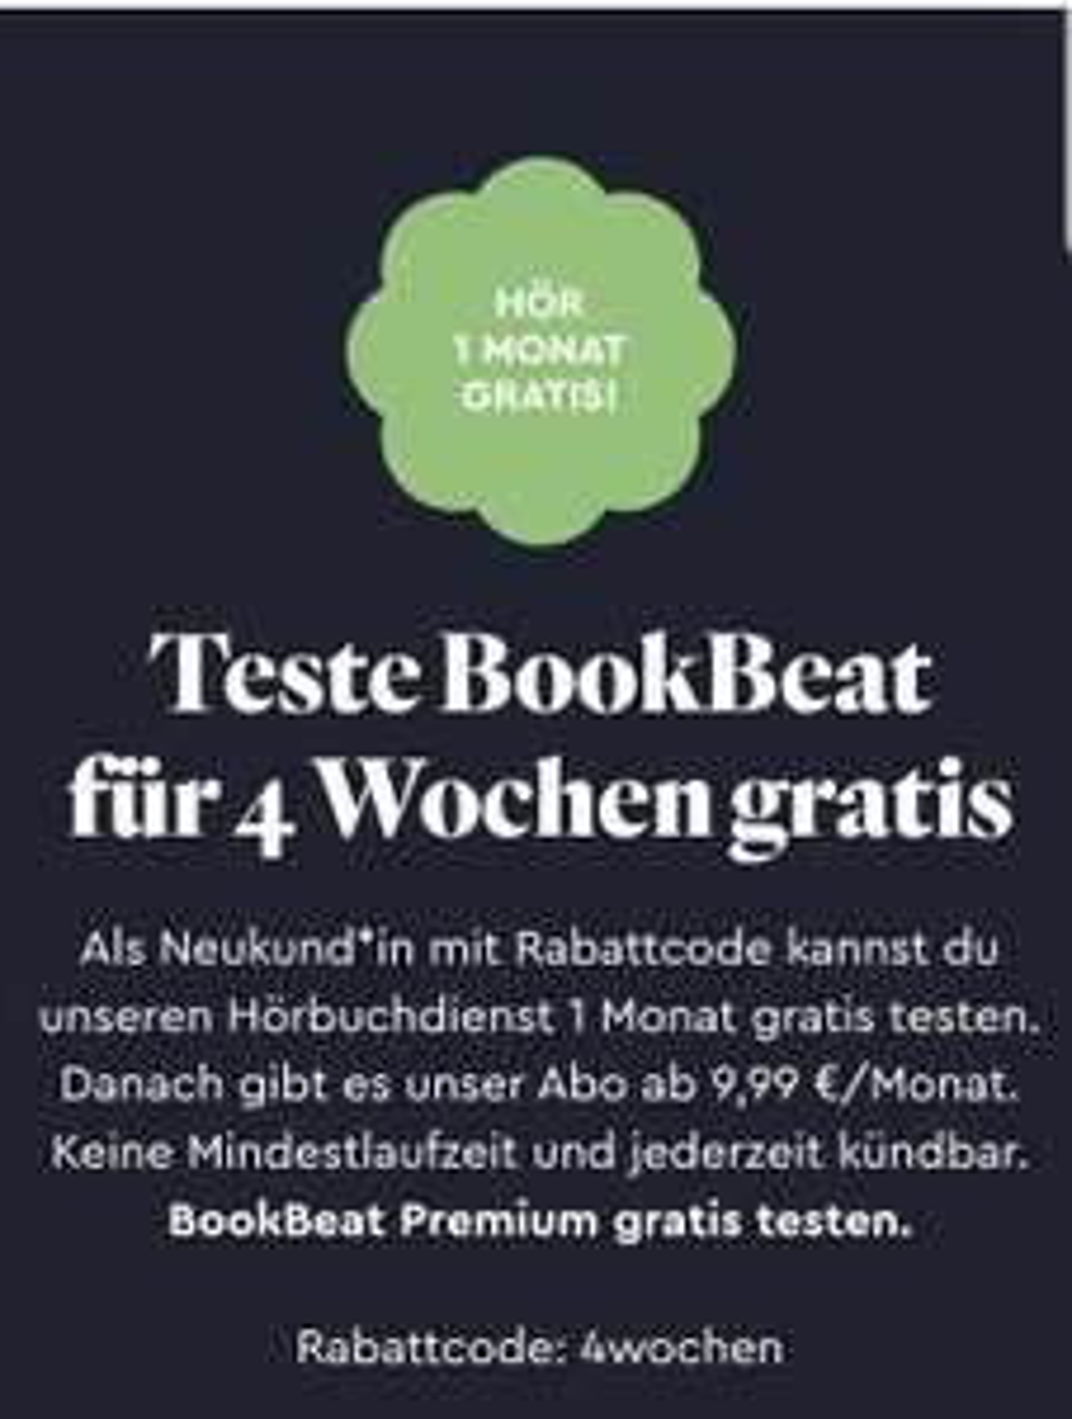 BookBeat: Mehr als 100.000 Hörbücher für 4 Wochen kostenlos anhören